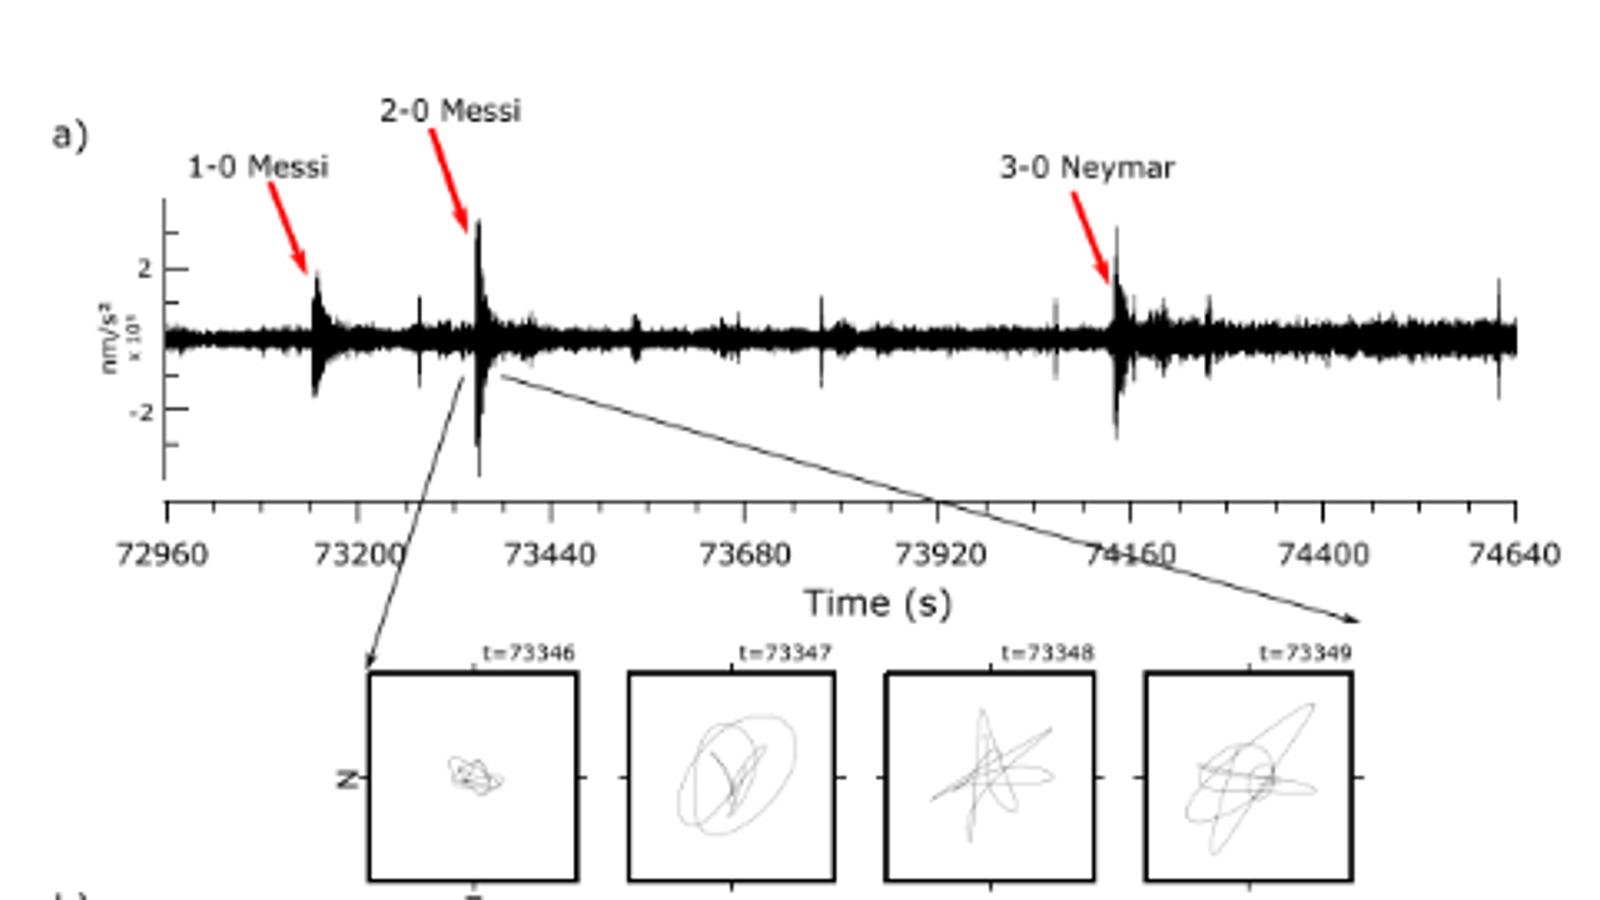 Soroll sísmic a la Zona Universitària el durant el Barça-Bayern de Munic (6/5/2015)